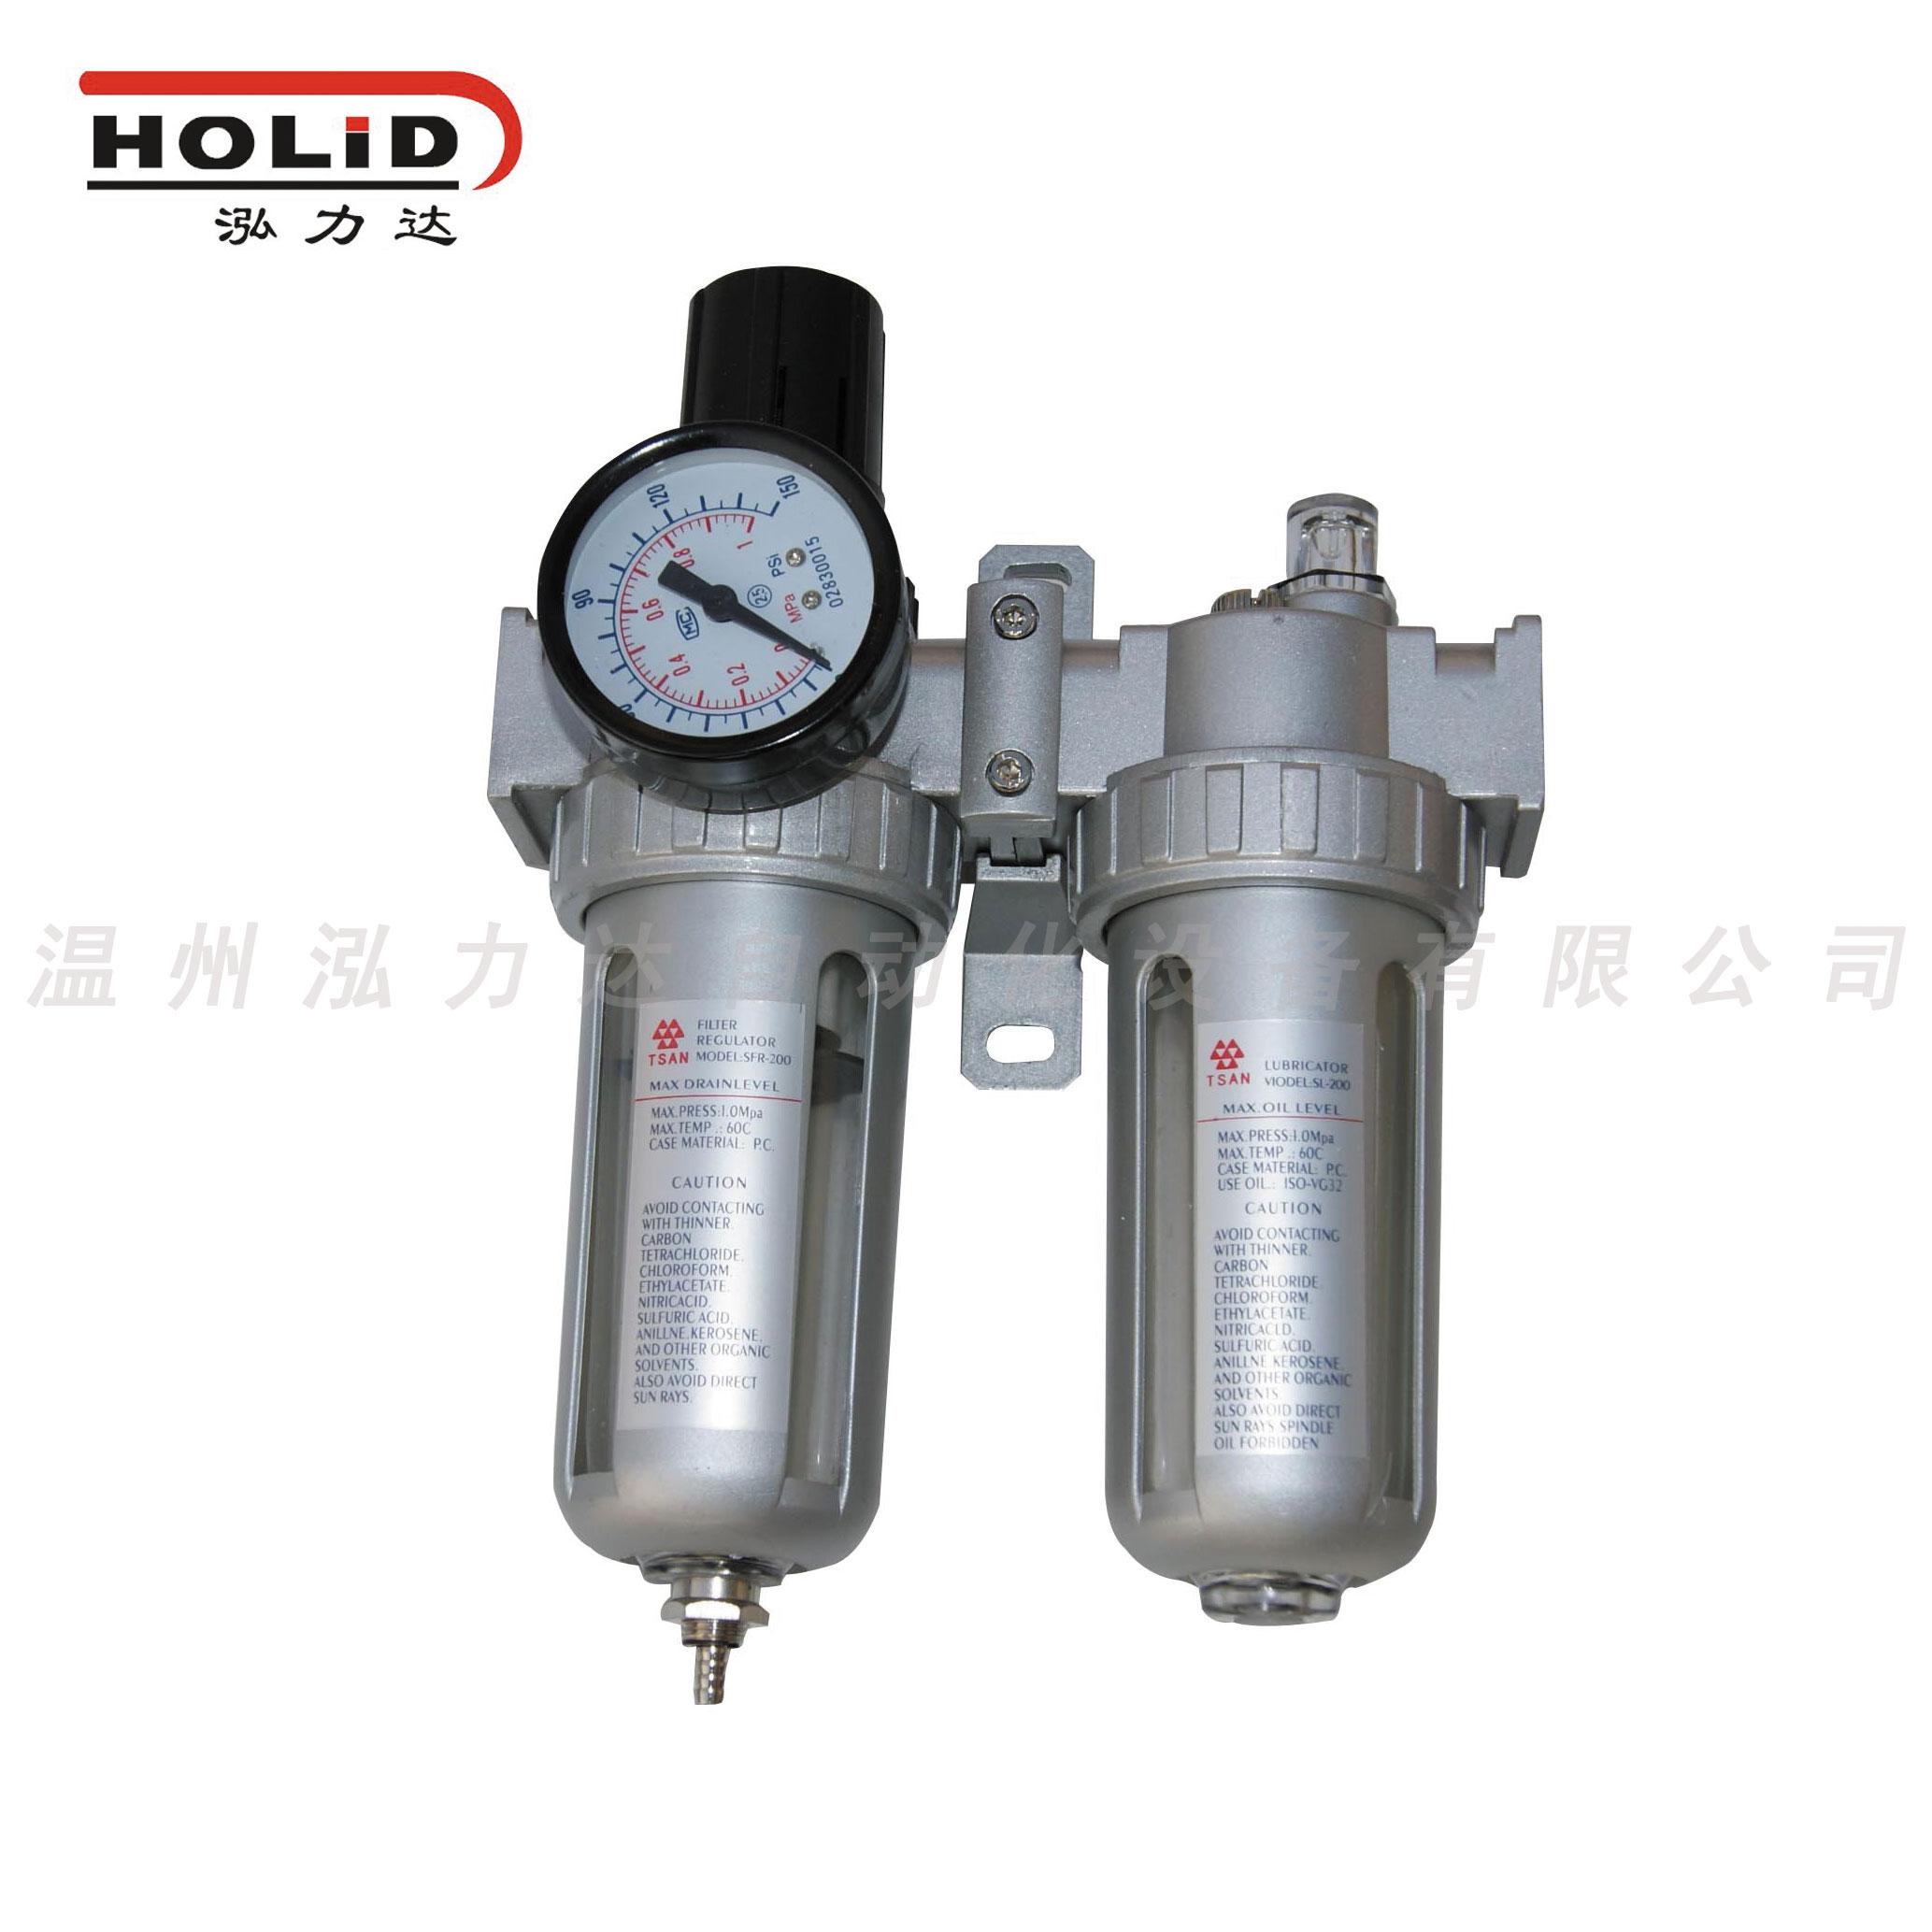 山耐斯型过滤器 气源处理器 二联件 油水分离器 S系列 SFC200